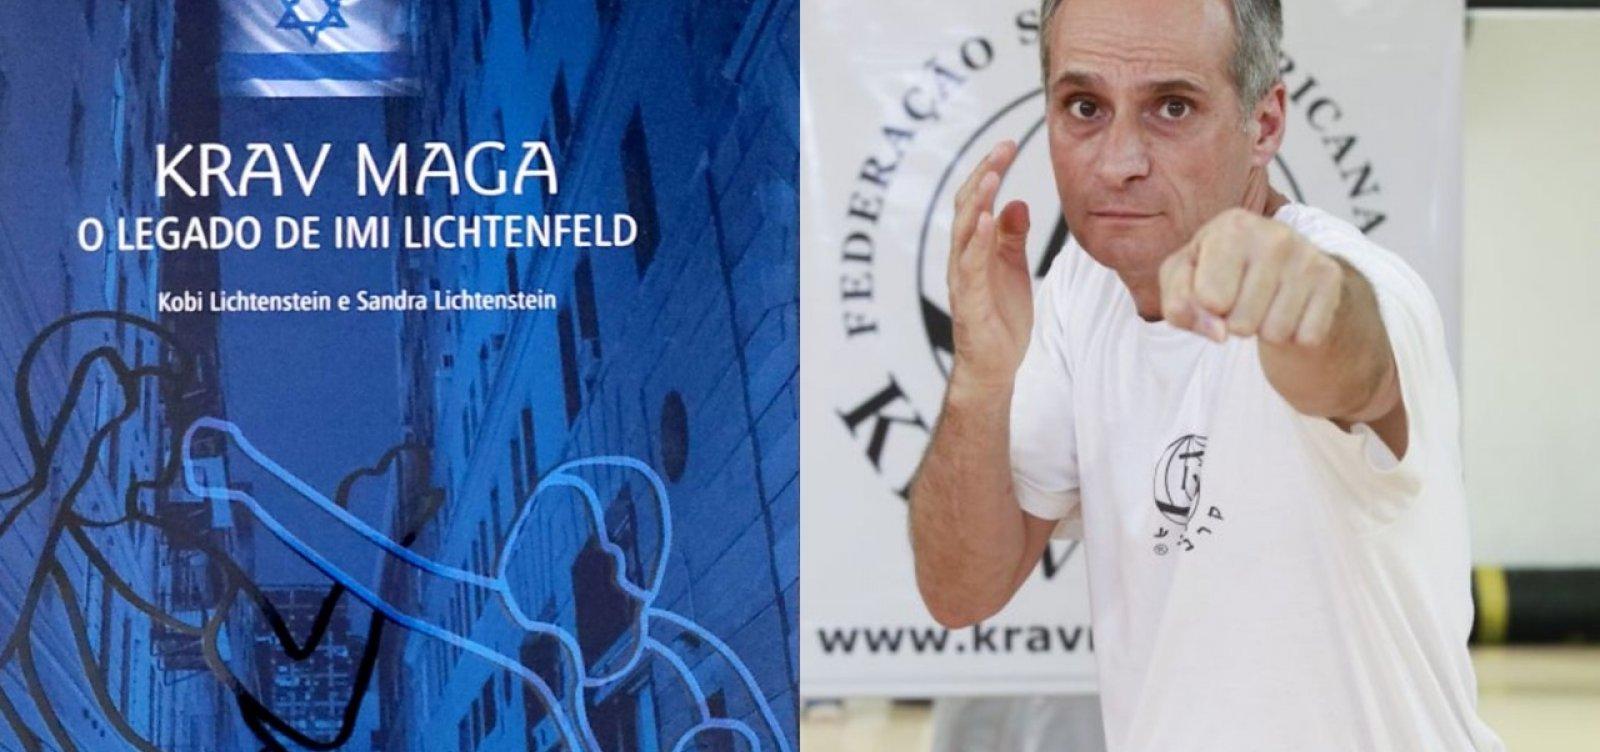 Israelense que trouxe o Krav Maga para o Brasil vem a Salvador para noite de autógrafos